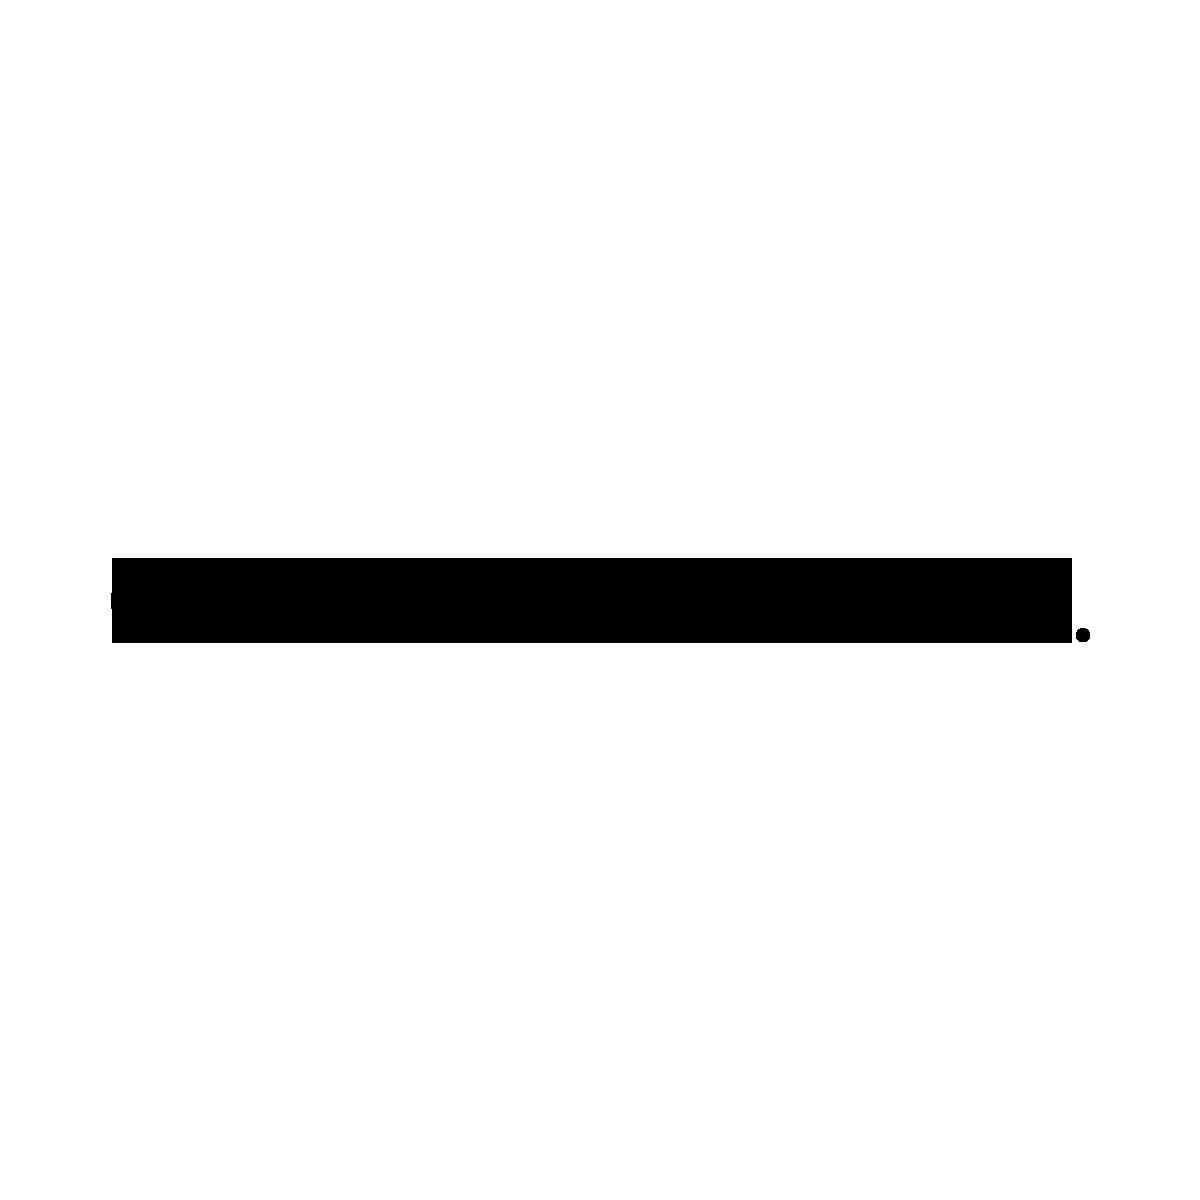 Cross-body tas van taupekleurig handgeschuurd leer fred de la bretoniere 232010006 vooraanzicht